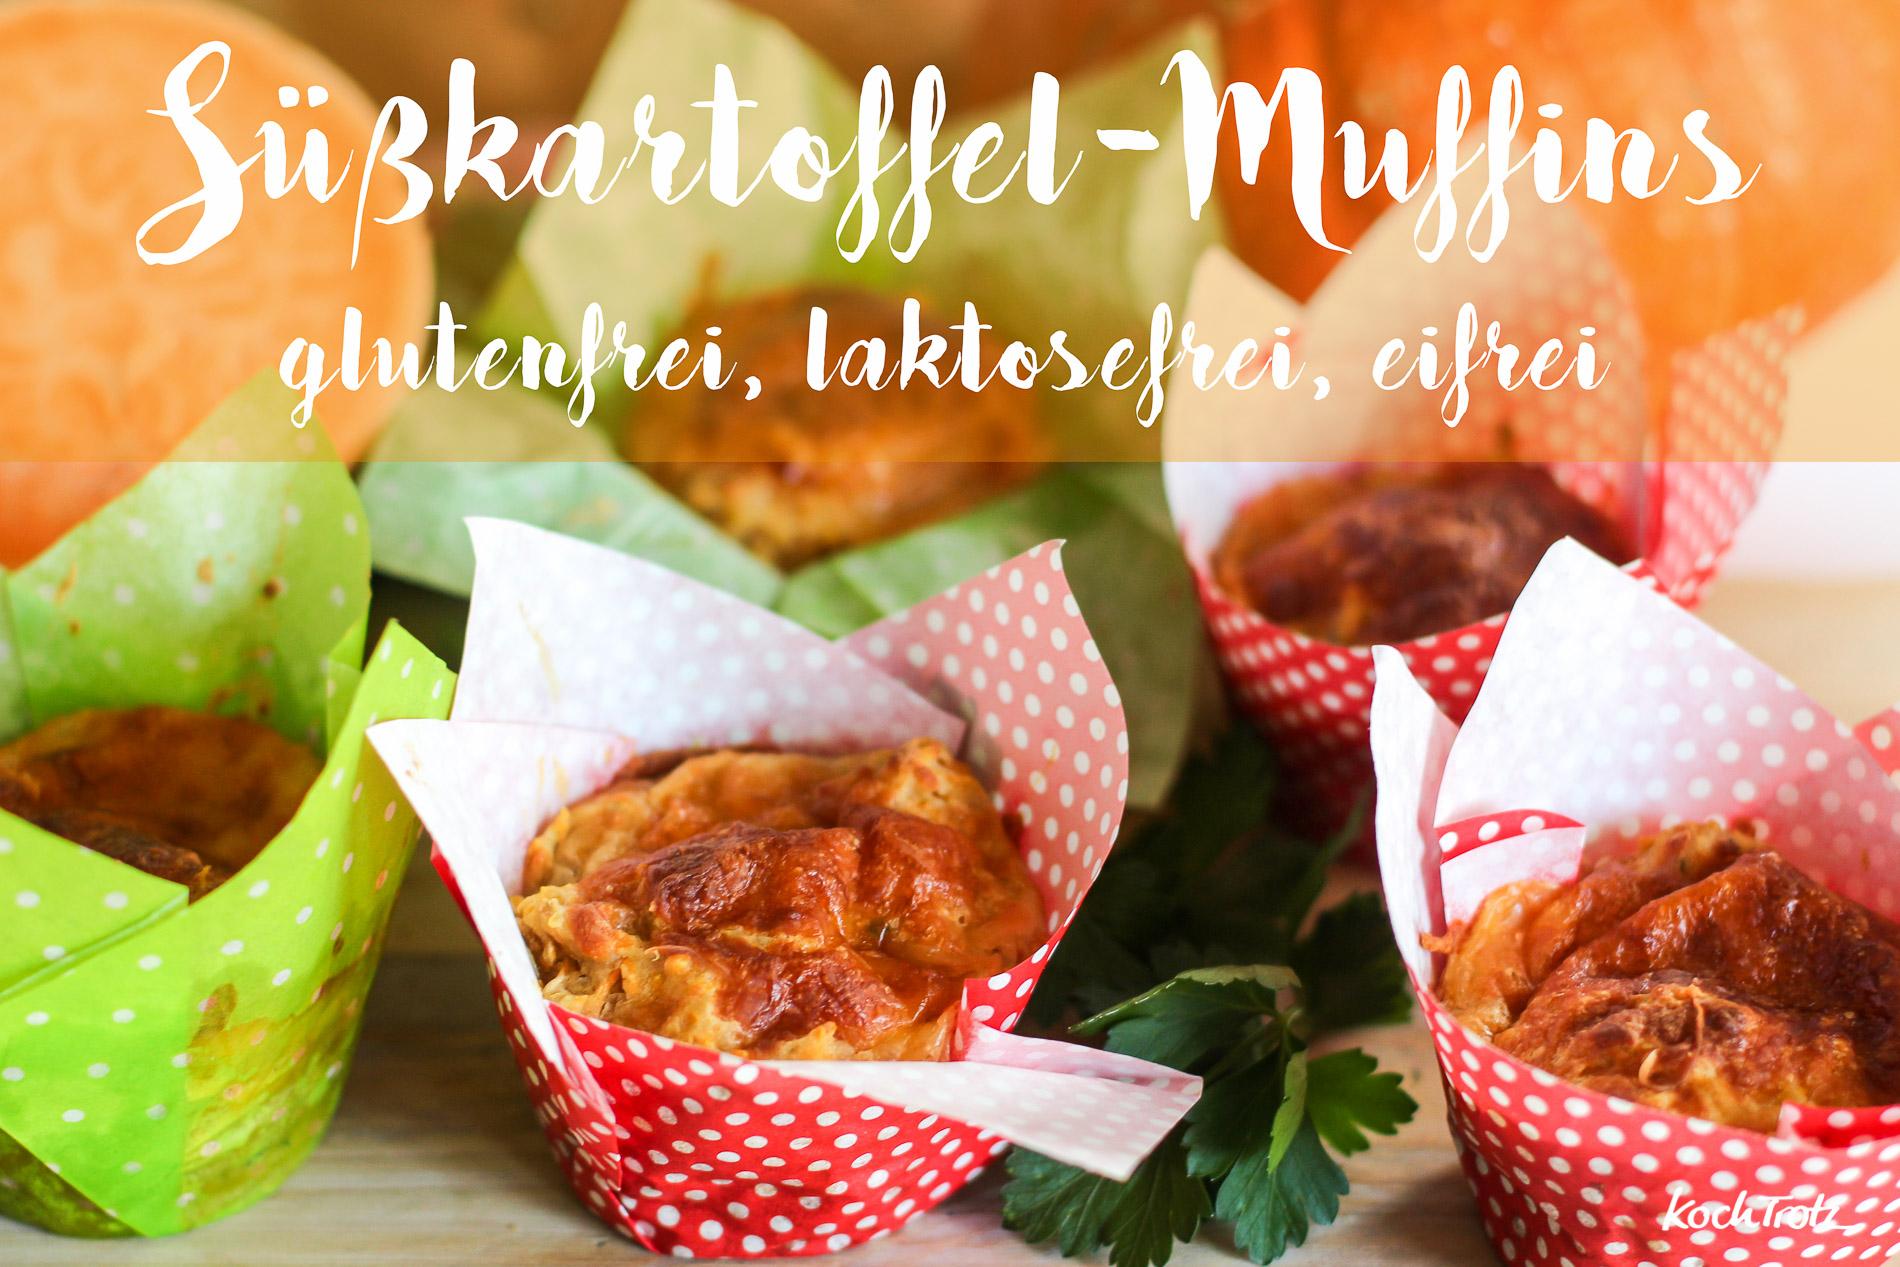 herzhafte-suesskartoffel-muffins-glutenfrei-laktosefrei-eifrei-2